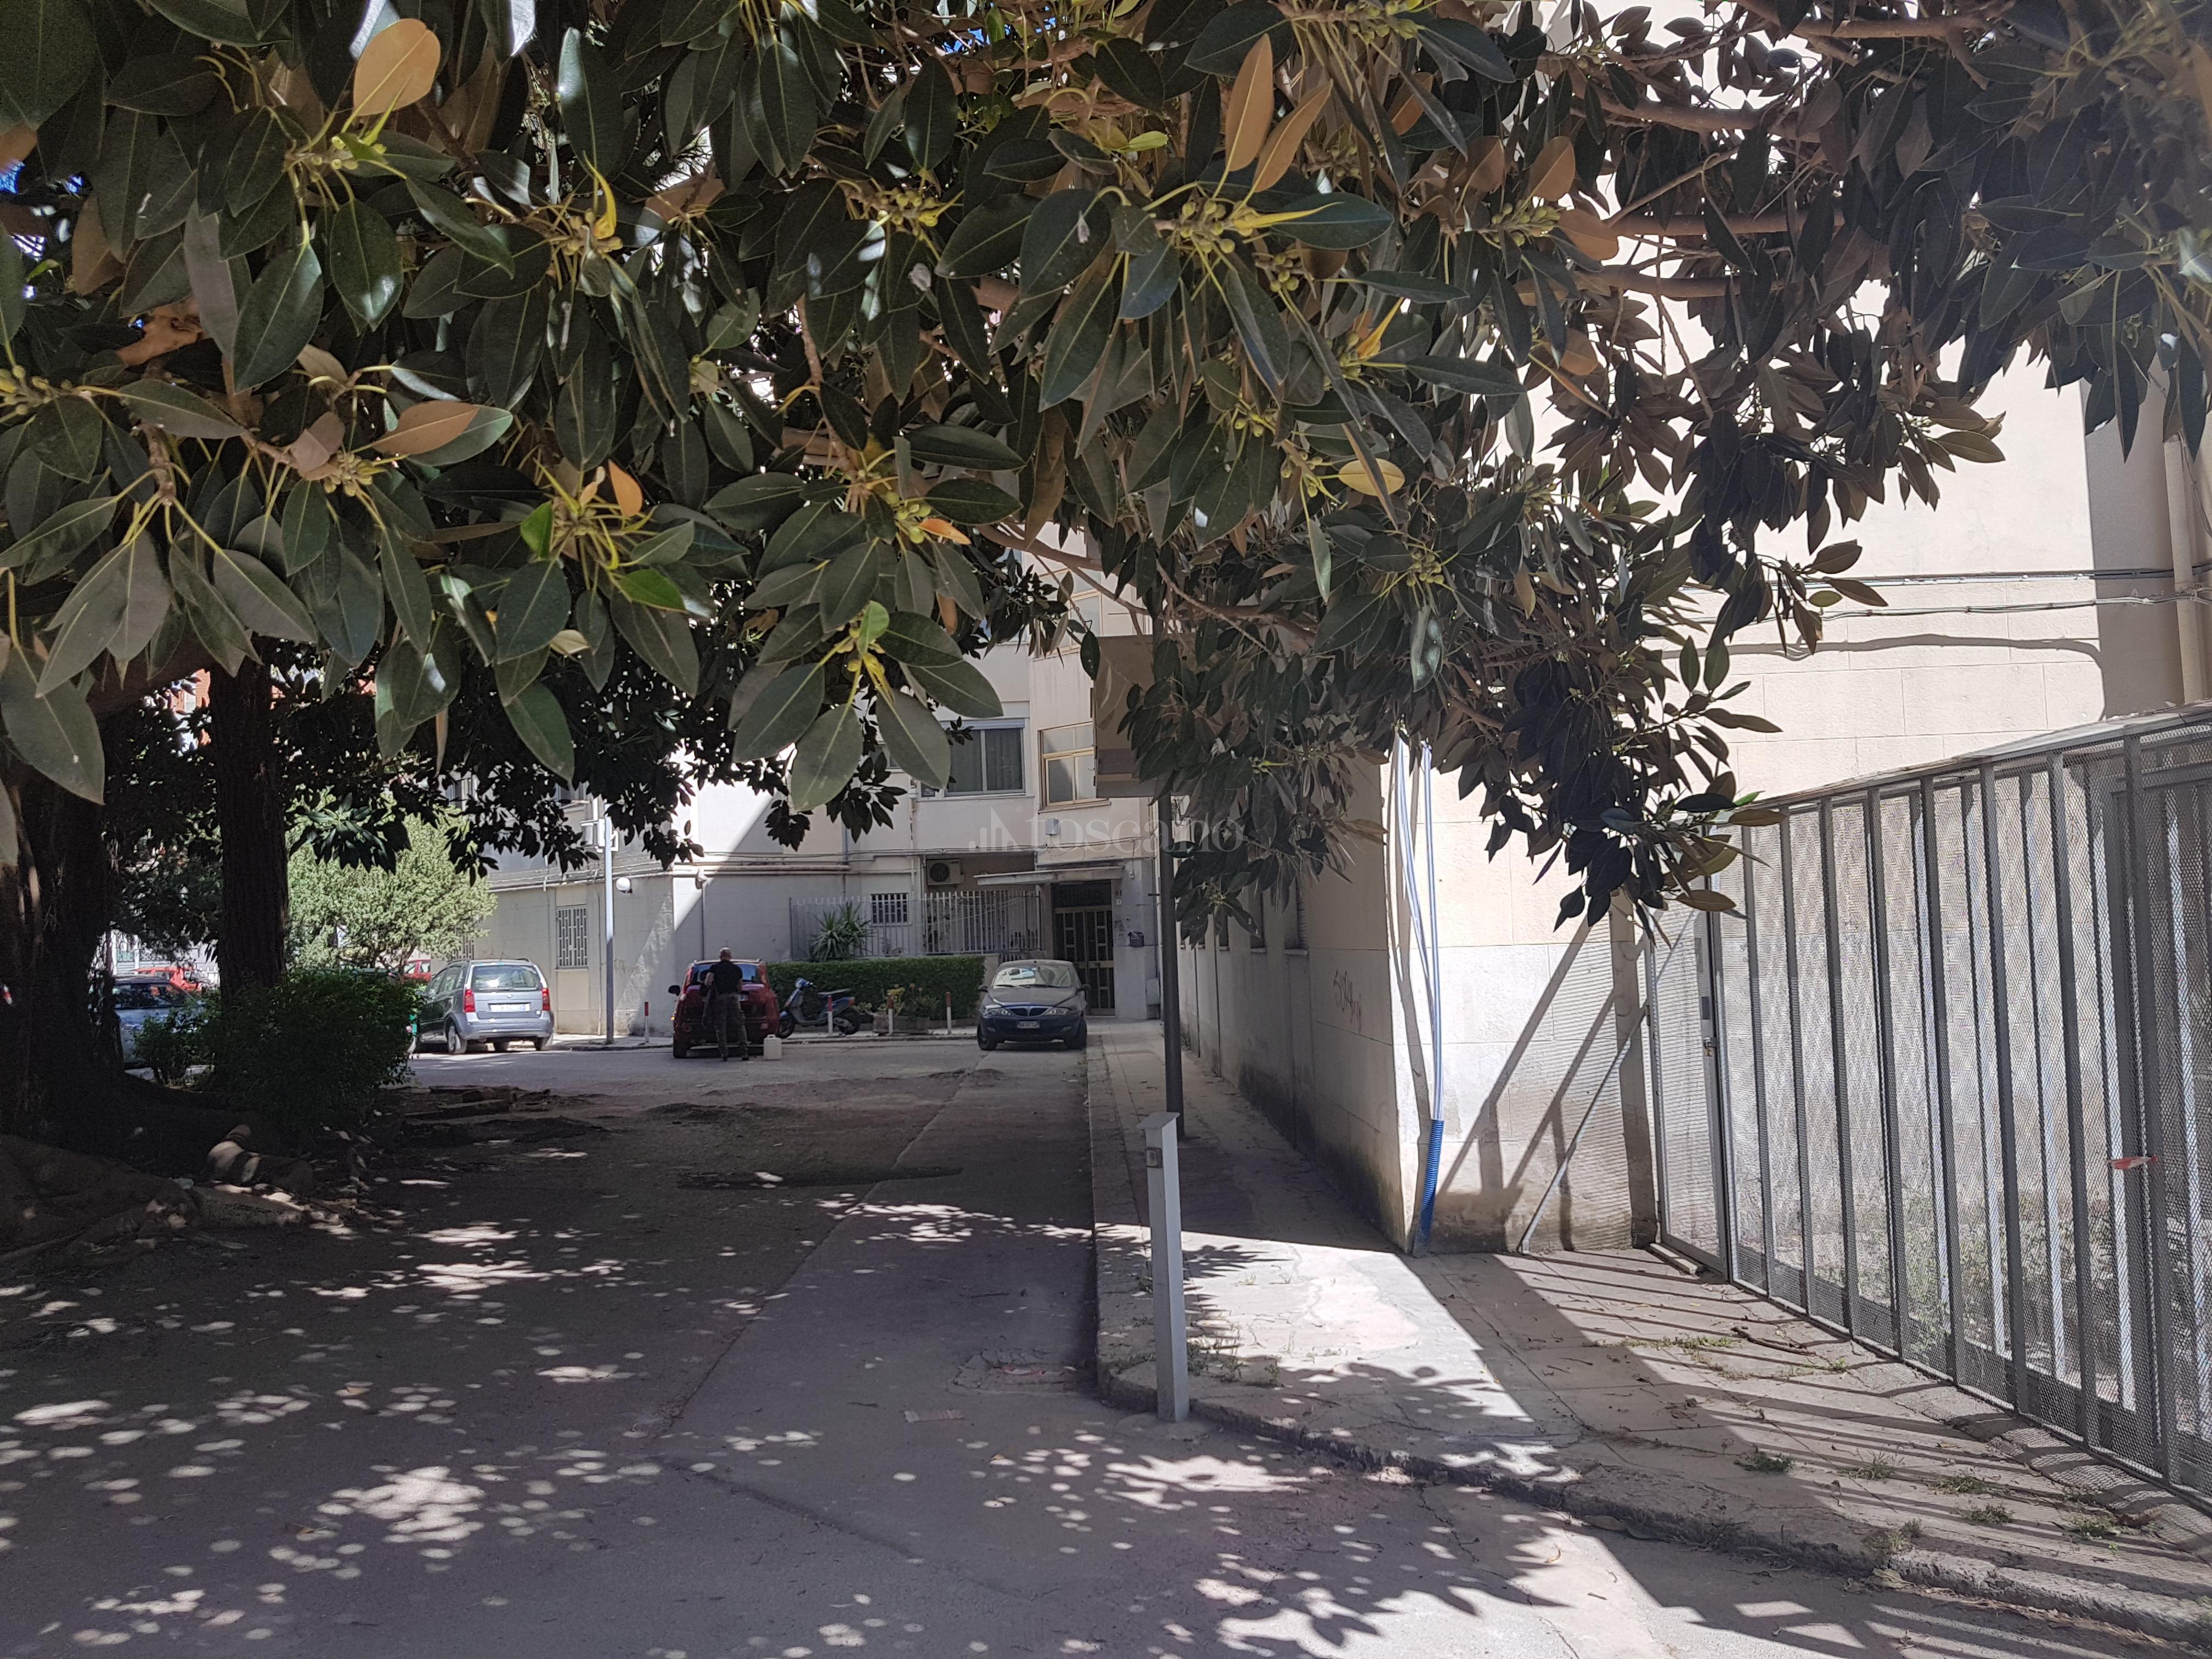 Vendita Casa A Palermo In Via Pietro Vinci 1 Villa Tasca 47 2017